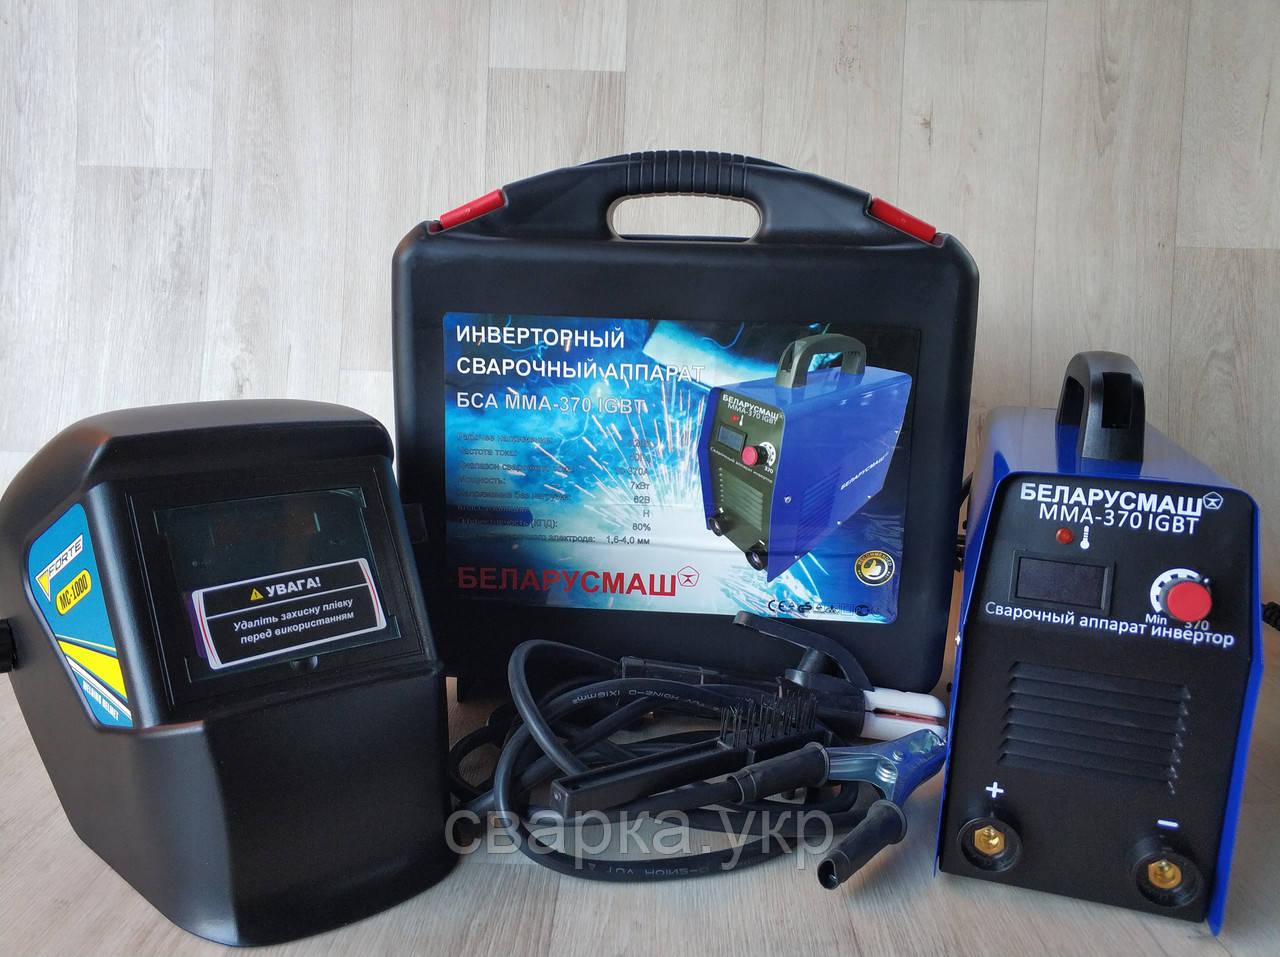 Зварювальний апарат Беларусмаш ММА-370 + МАСКА